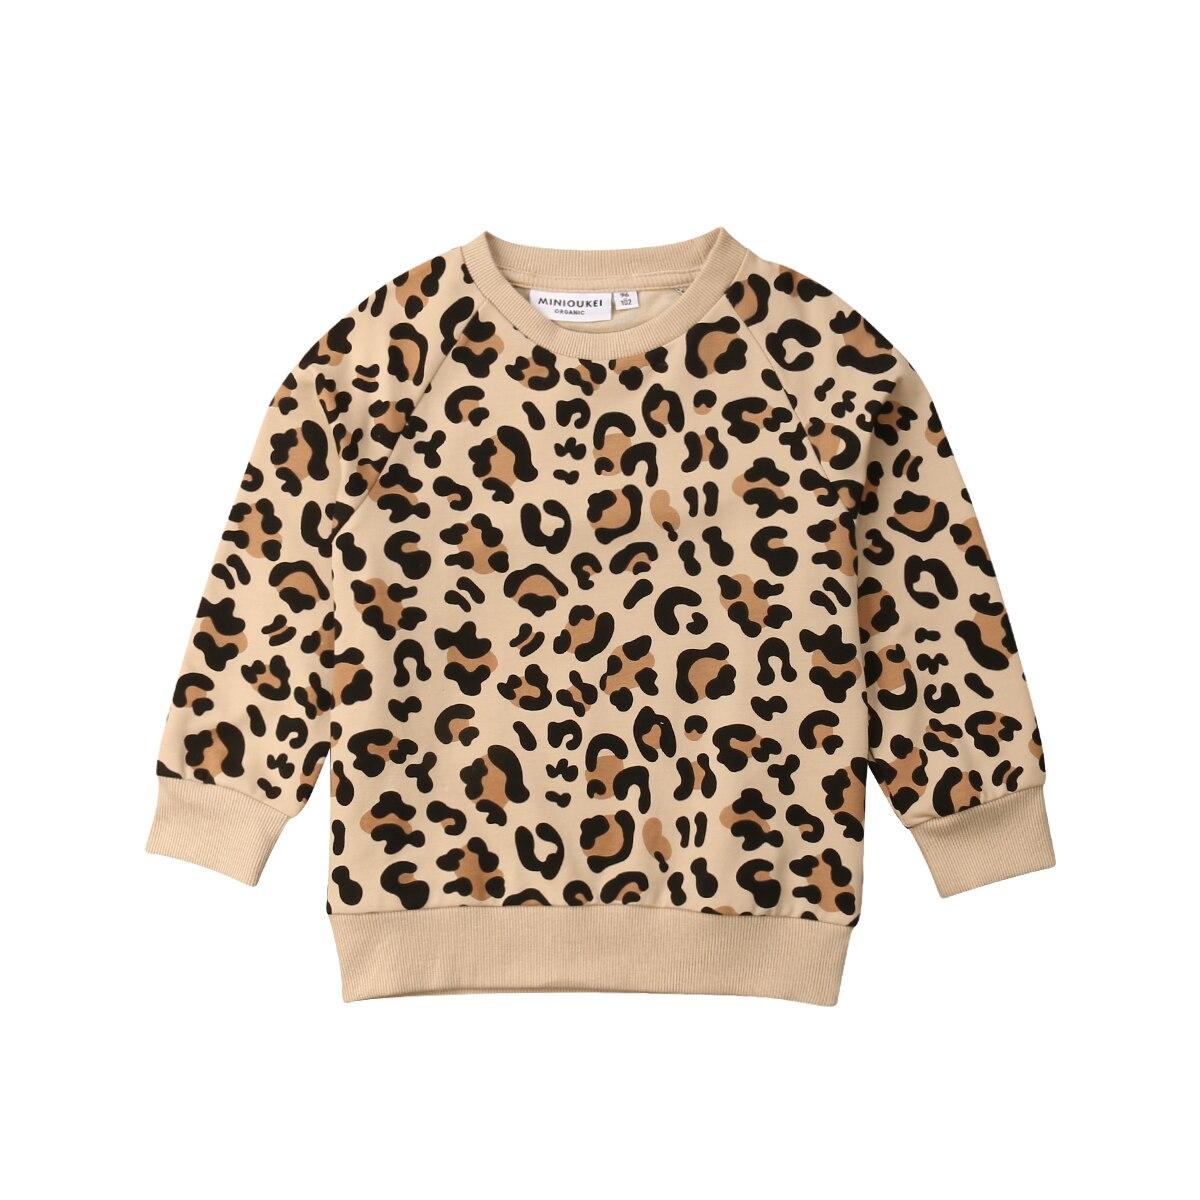 1-7 años Niño pequeño chico niña niño conejito Top con estampado de leopardo camiseta sudaderas ropa